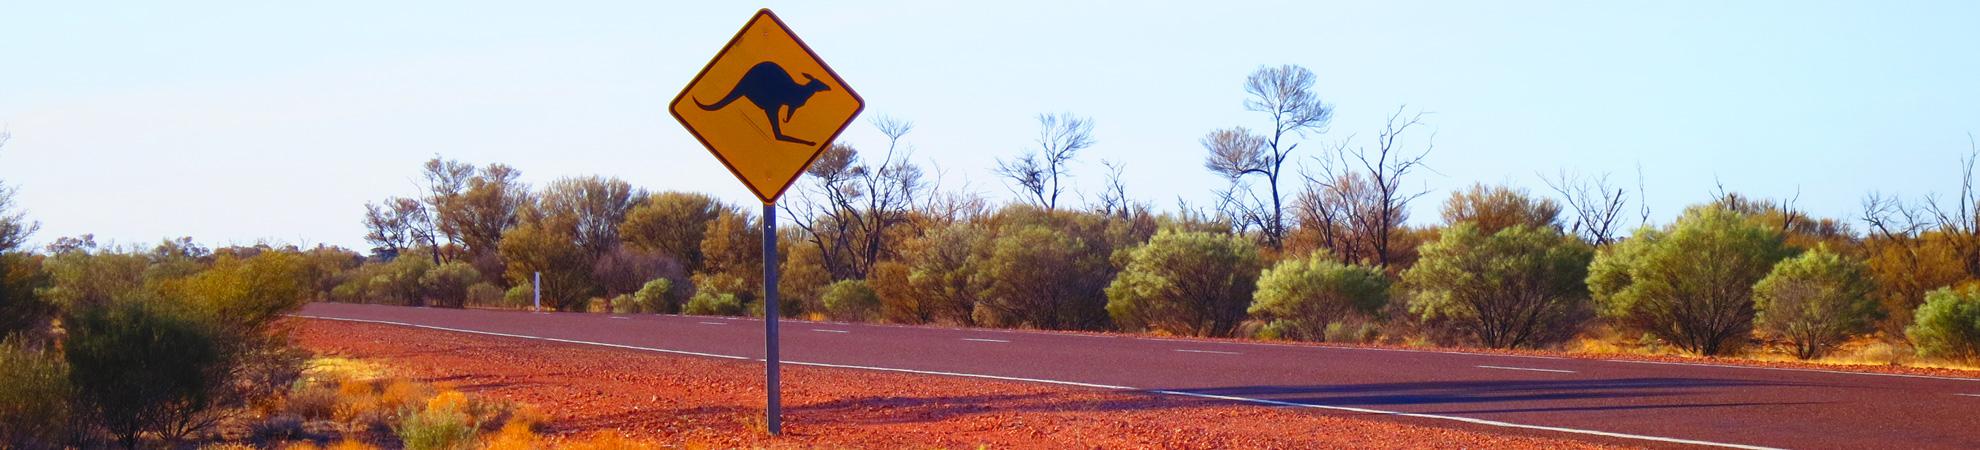 Quelques règles de savoir-vivre lors de votre circuit en Australie